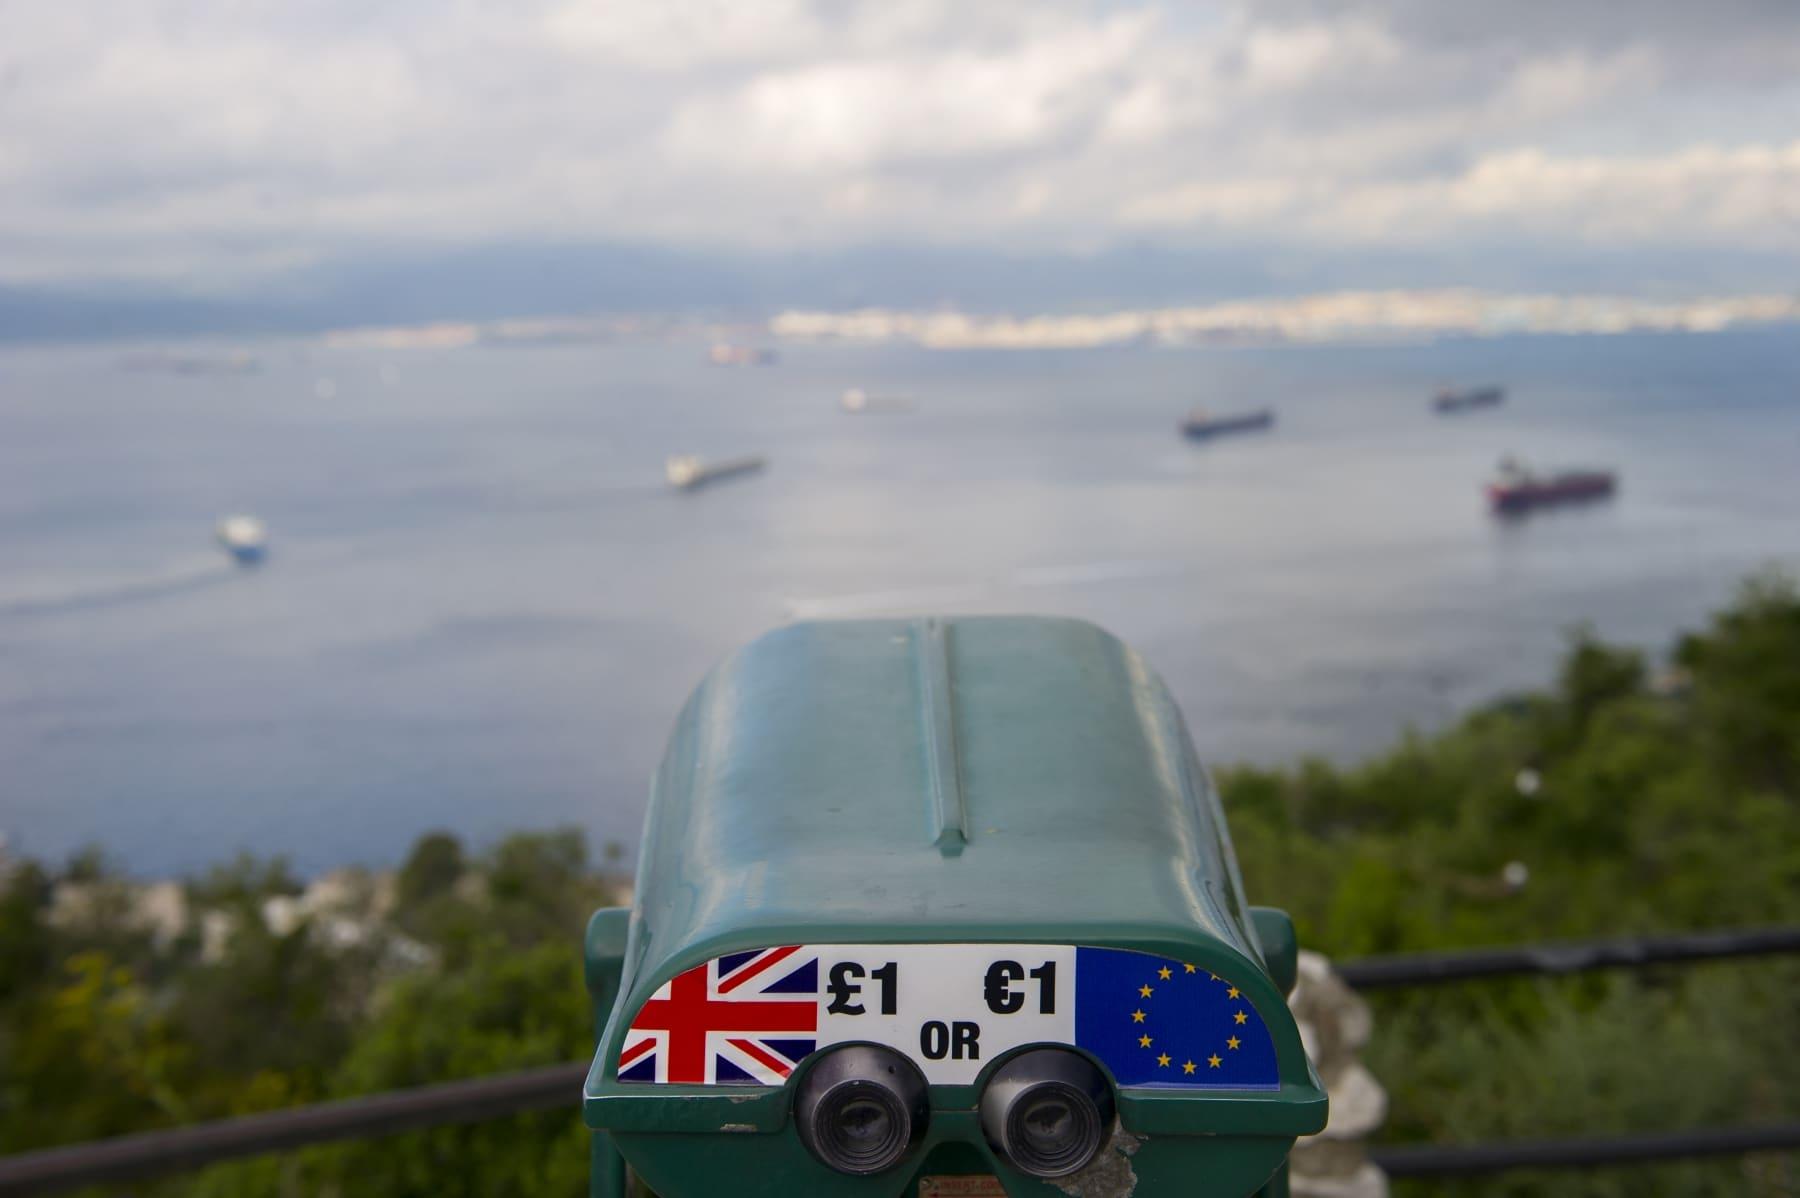 paisajes-la-bahia-gibraltar-03_9225017740_o